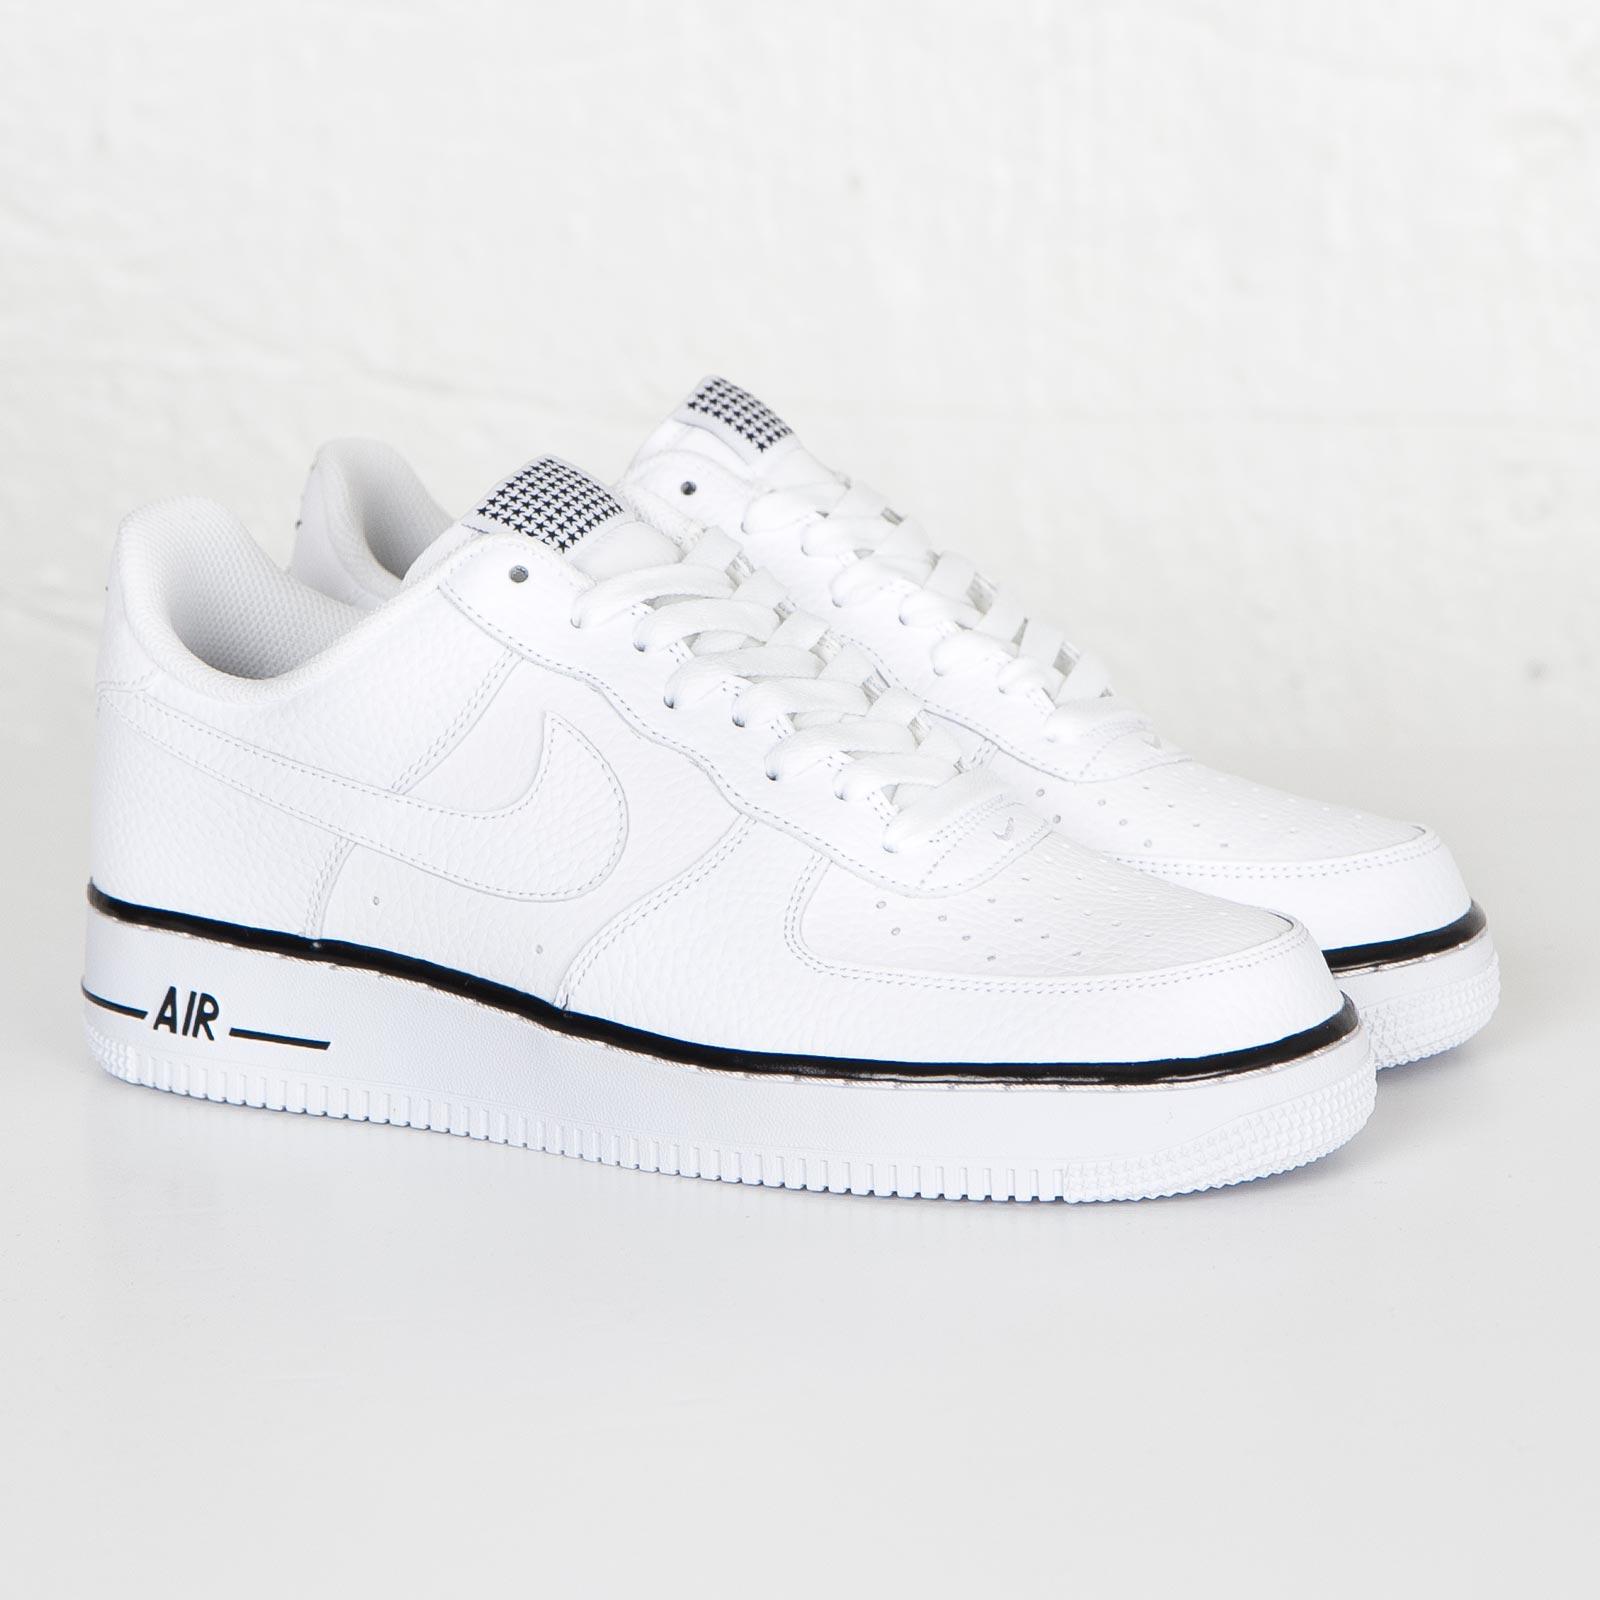 Chaussure Homme Nike Air Force 1 Blanc Noir N ° D 'article 488298 160